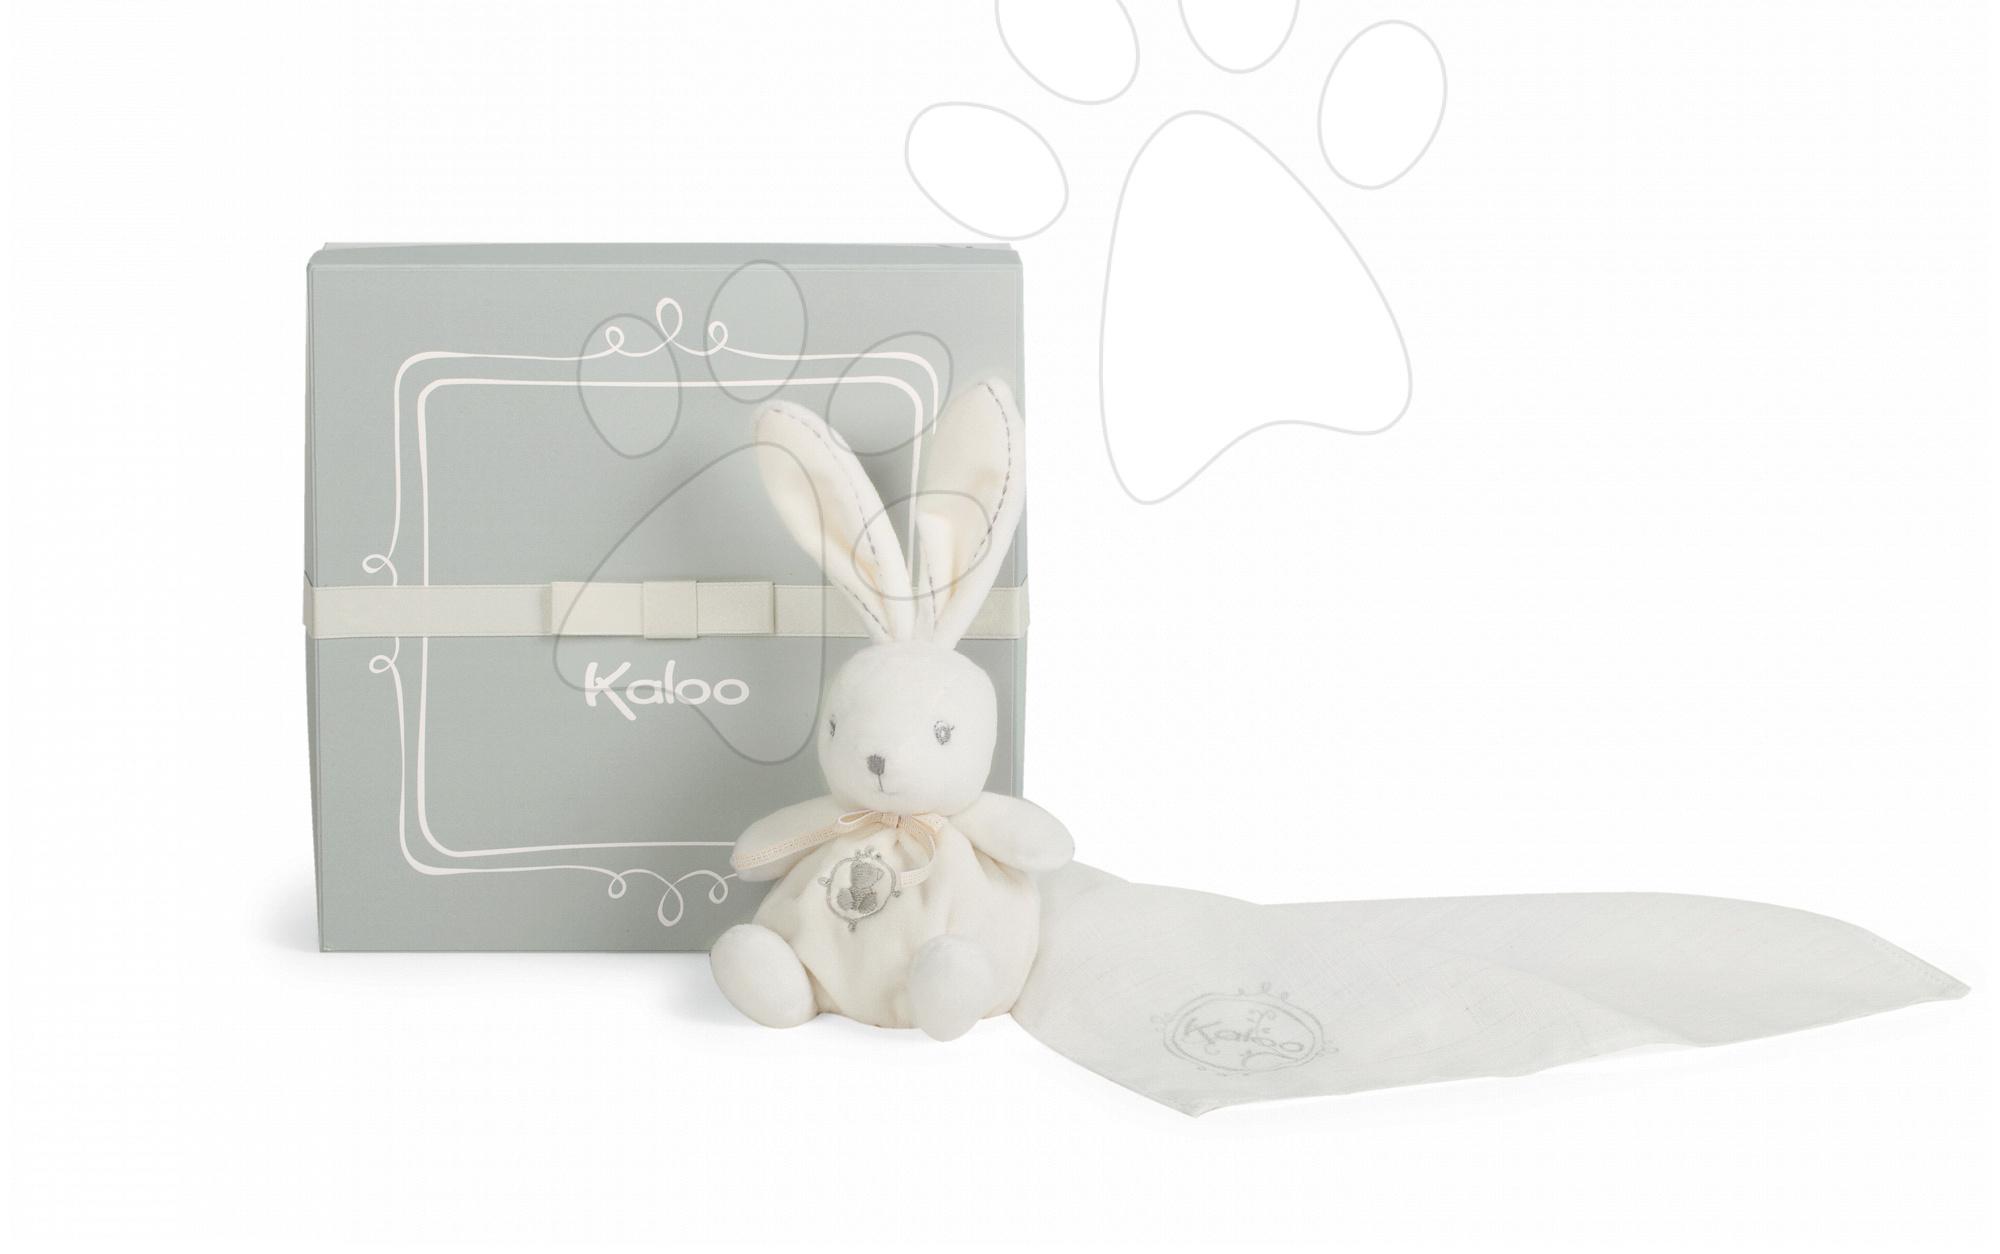 Plyšový zajačik na maznanie Perle Kaloo oo s jemnou handričkou 40 cm v darčekovom balení pre najmenších krémovo-biely